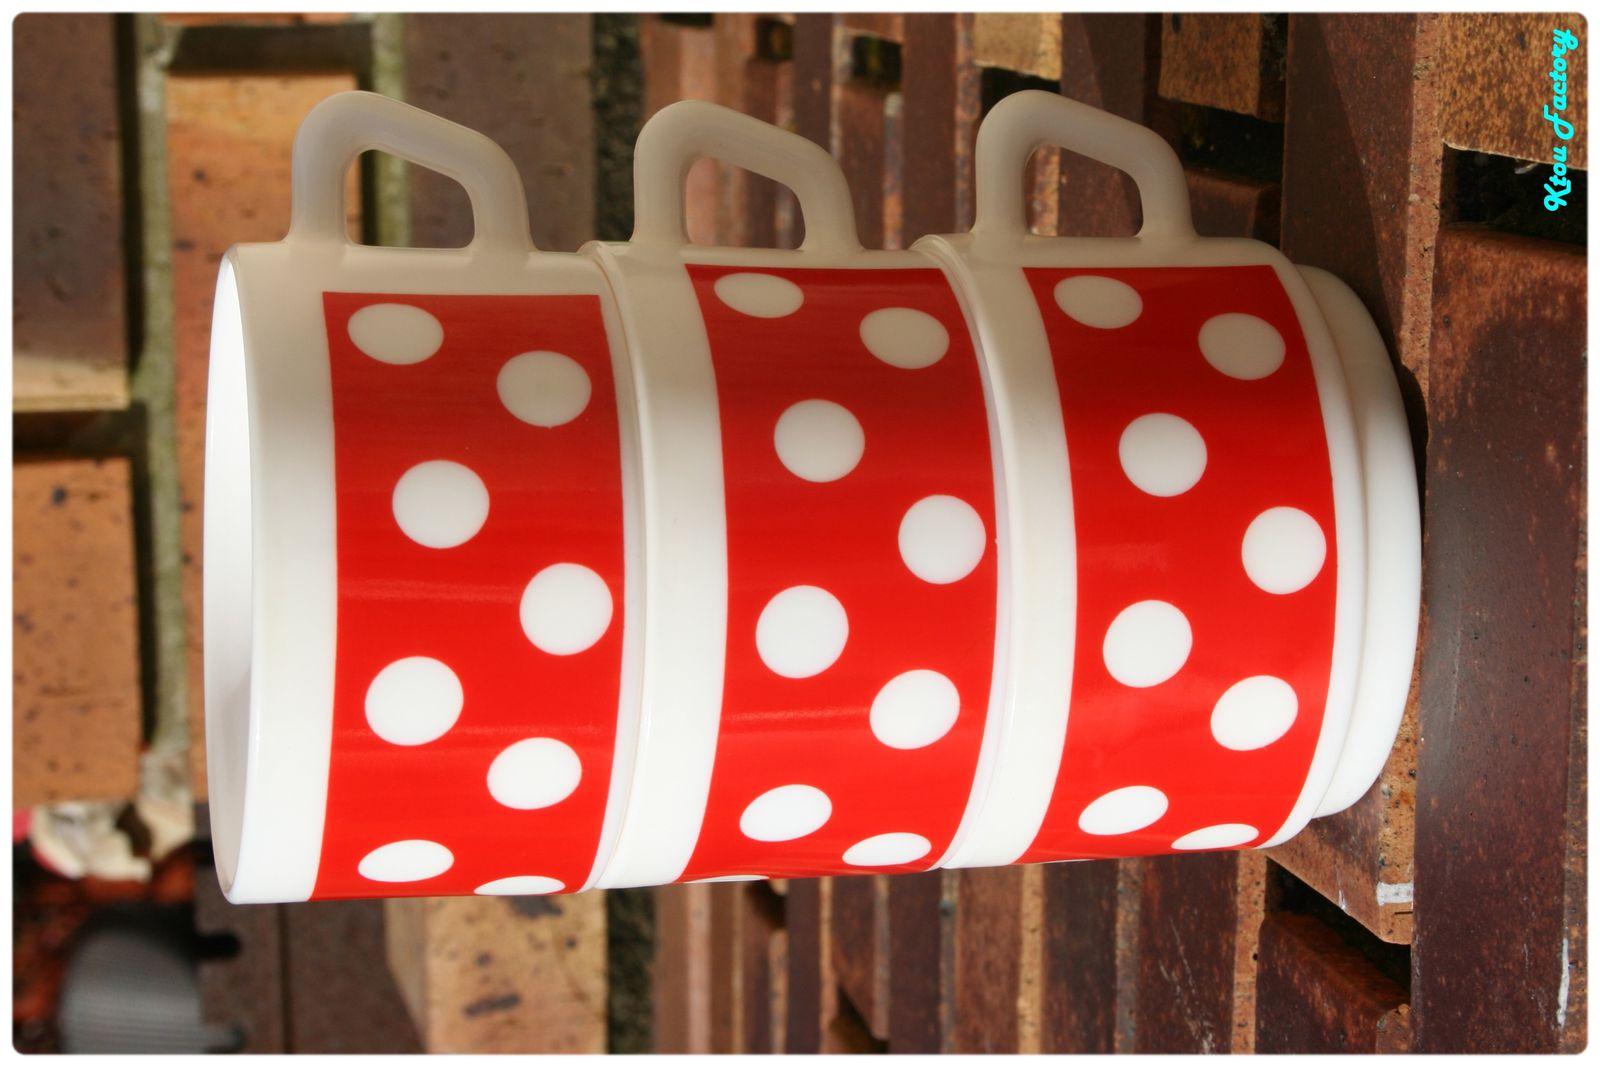 ... ainsi que des tasses polka dot Arcopal...